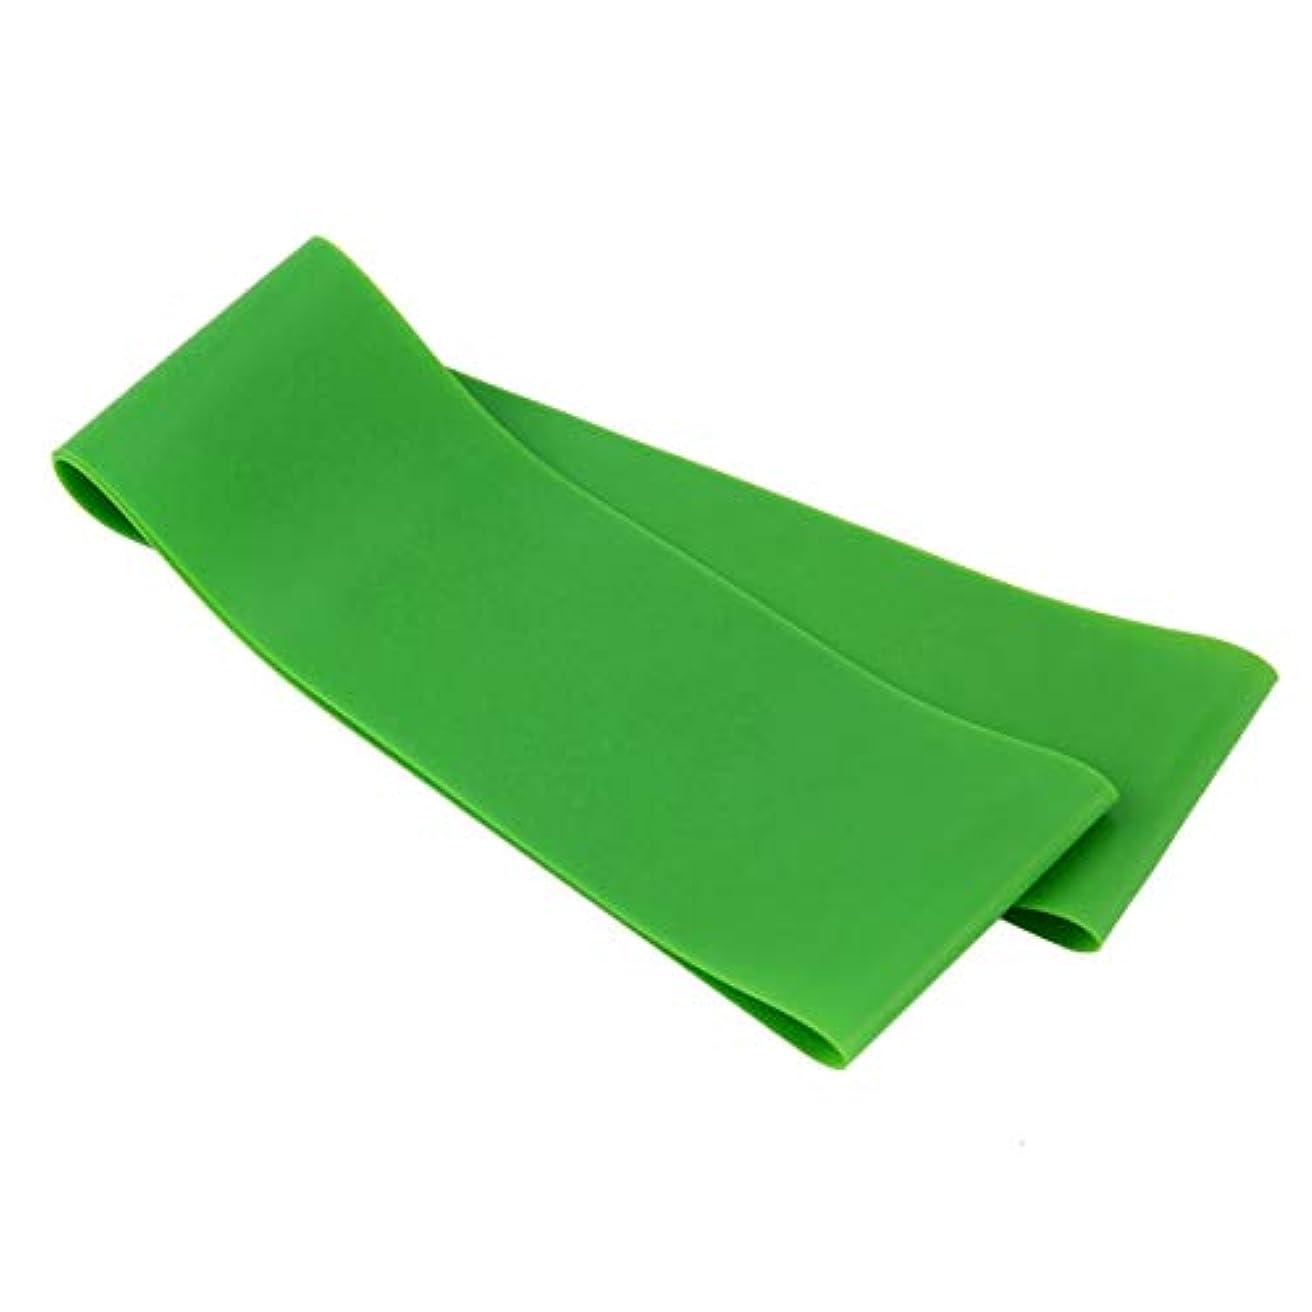 仮定するイサカステッチ滑り止め伸縮性ゴム弾性ヨガベルトバンドプルロープ張力抵抗バンドループ強度のためのフィットネスヨガツール - グリーン